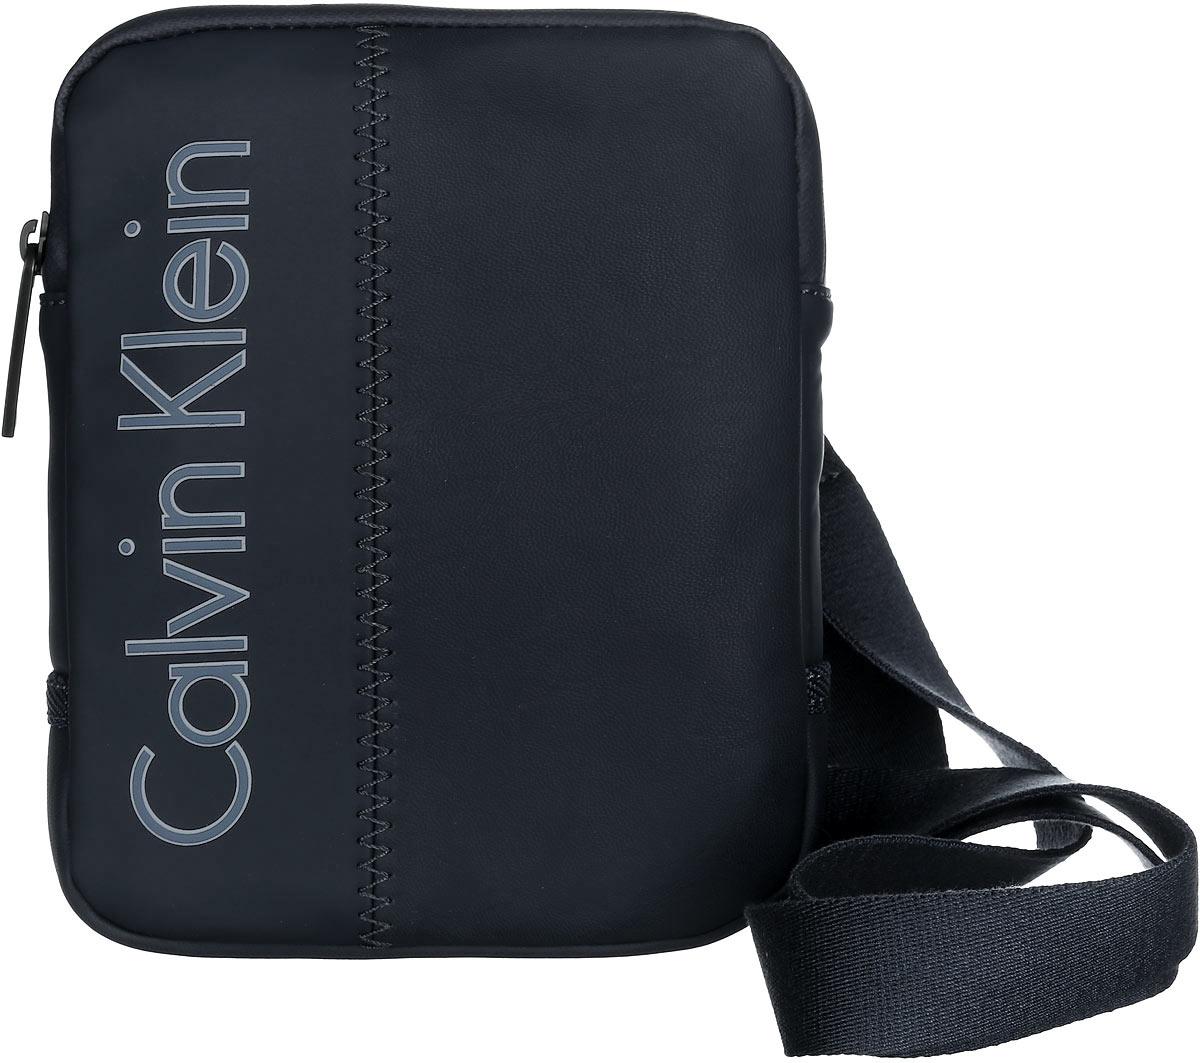 Сумка мужская Calvin Klein Jeans, цвет: черный. K50K501624_001023008Стильная сумка Calvin Klein выполнена из полиуретана, оформлена символикой бренда.Изделие содержит одно отделение, которое закрывается на застежку-молнию. Внутри сумки размещен накладной кармашек для мелочей. Сумка оснащена плечевым ремнем регулируемой длины. В комплекте с изделием поставляется чехол для хранения.Модная сумка идеально подчеркнет ваш неповторимый стиль.